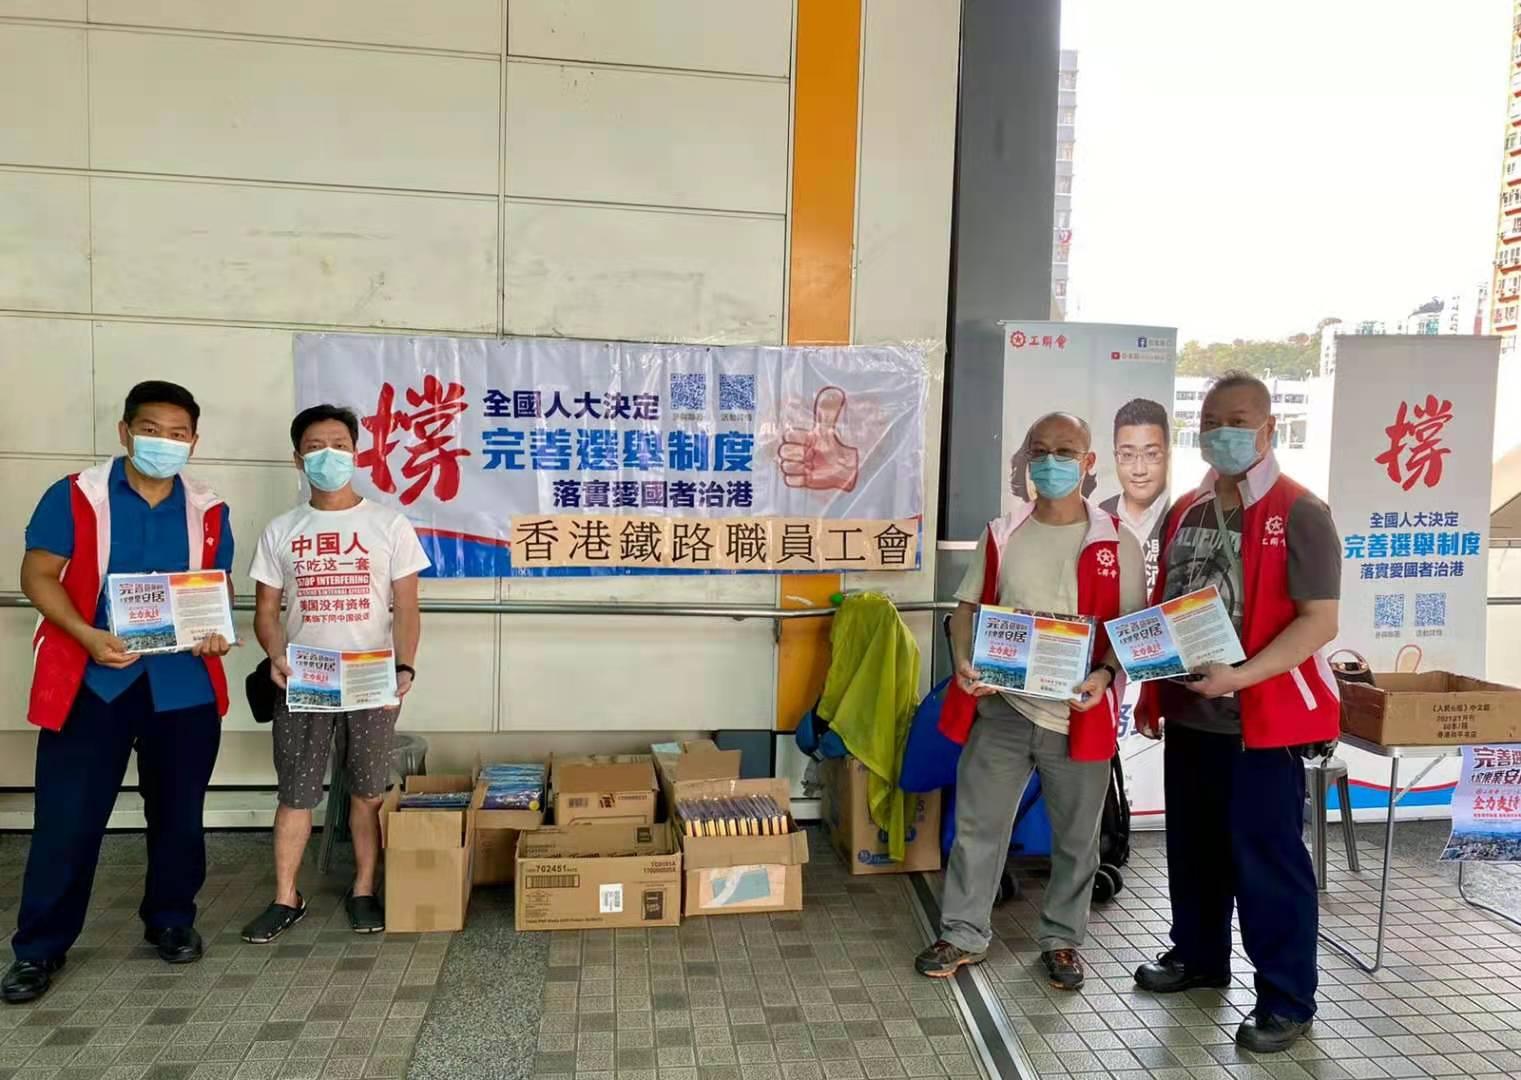 香港鐵路職員工會擺街站,呼籲市民踴躍支持完善香港特區的選舉制度。(大公文匯全媒體記者 馮沛賢 攝)